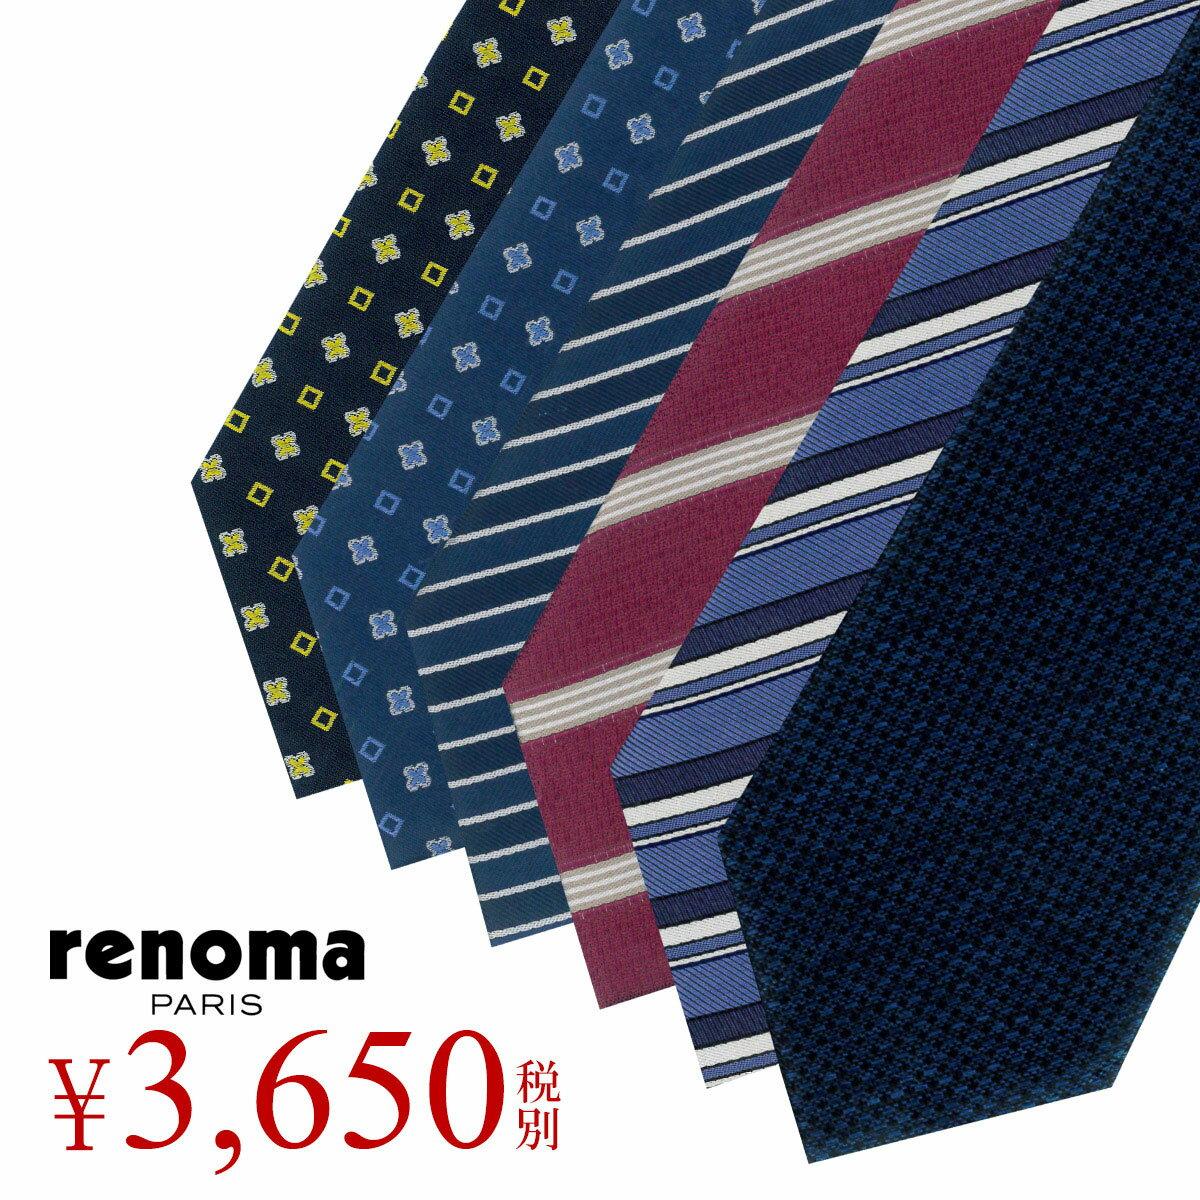 【 レノマ renoma 】 ネクタイ ブランド メンズ